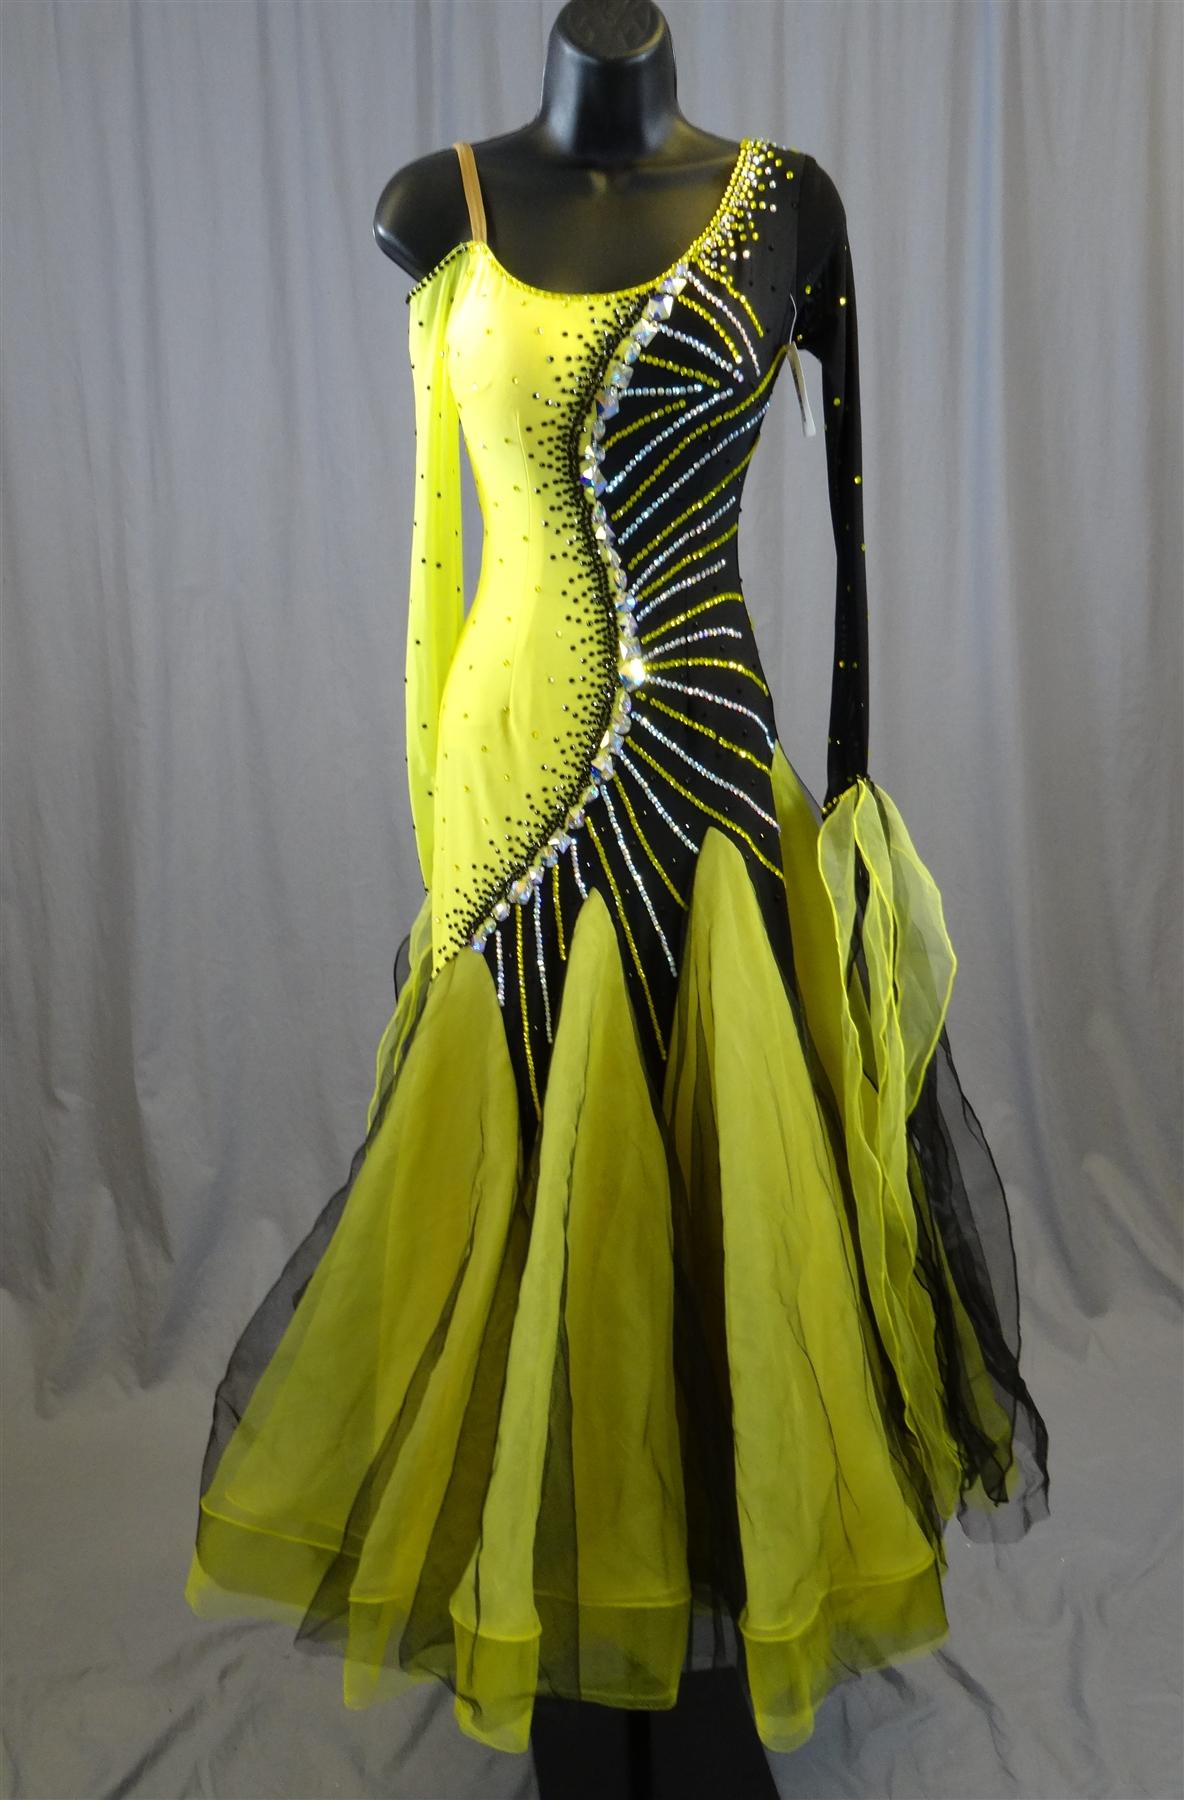 072f4d695ea7a Elegant Black & Yellow Ballroom Dress